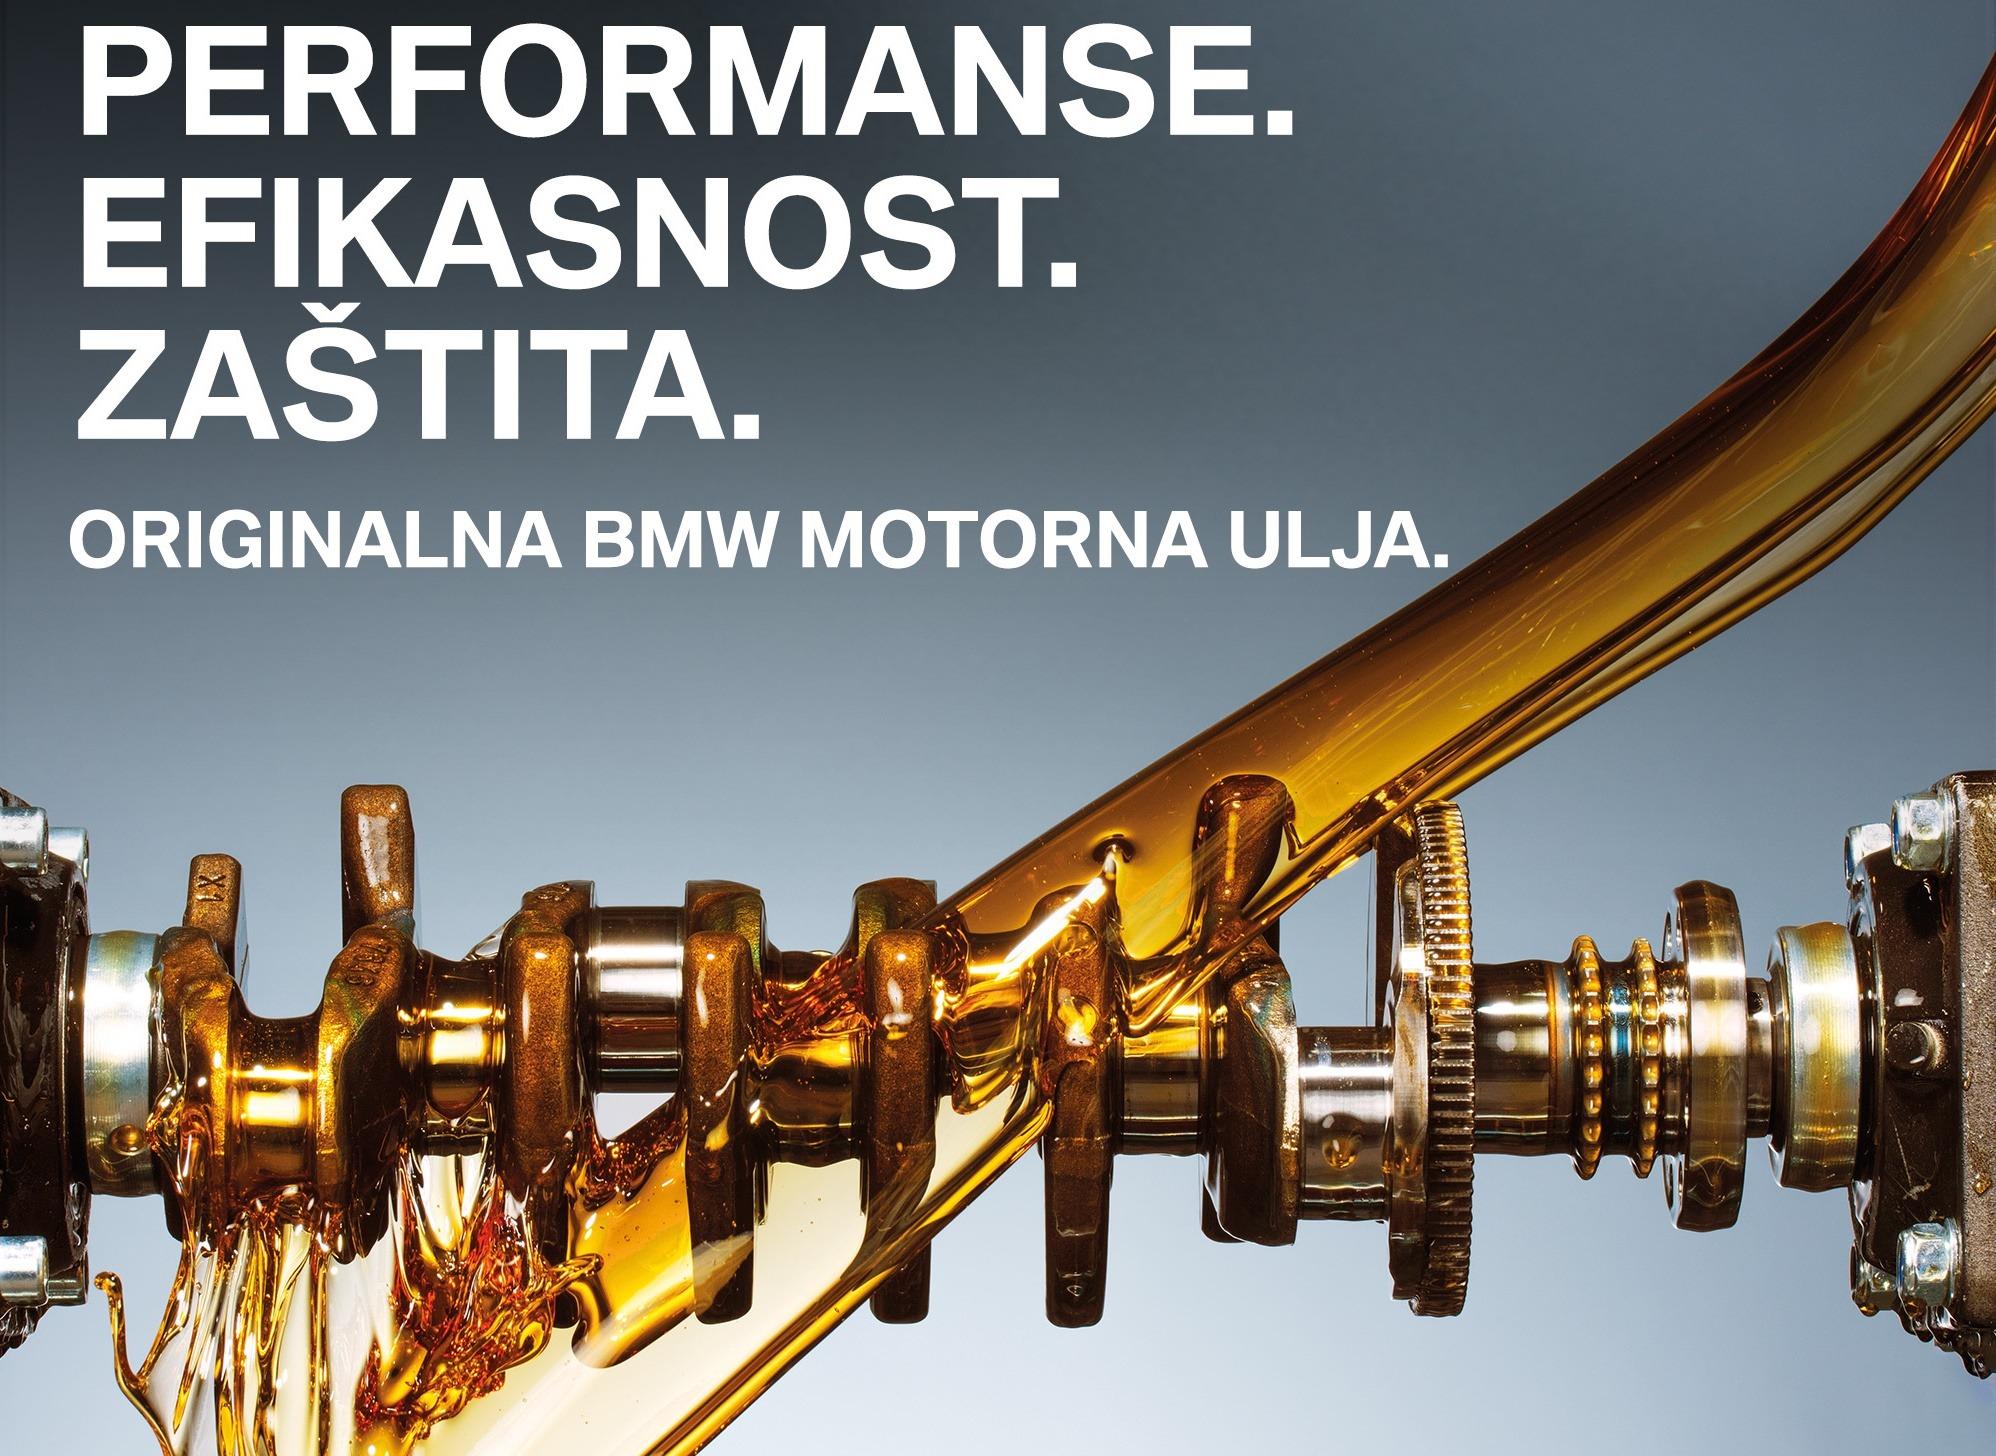 Zašto je važno koristiti originalna BMW ulja?